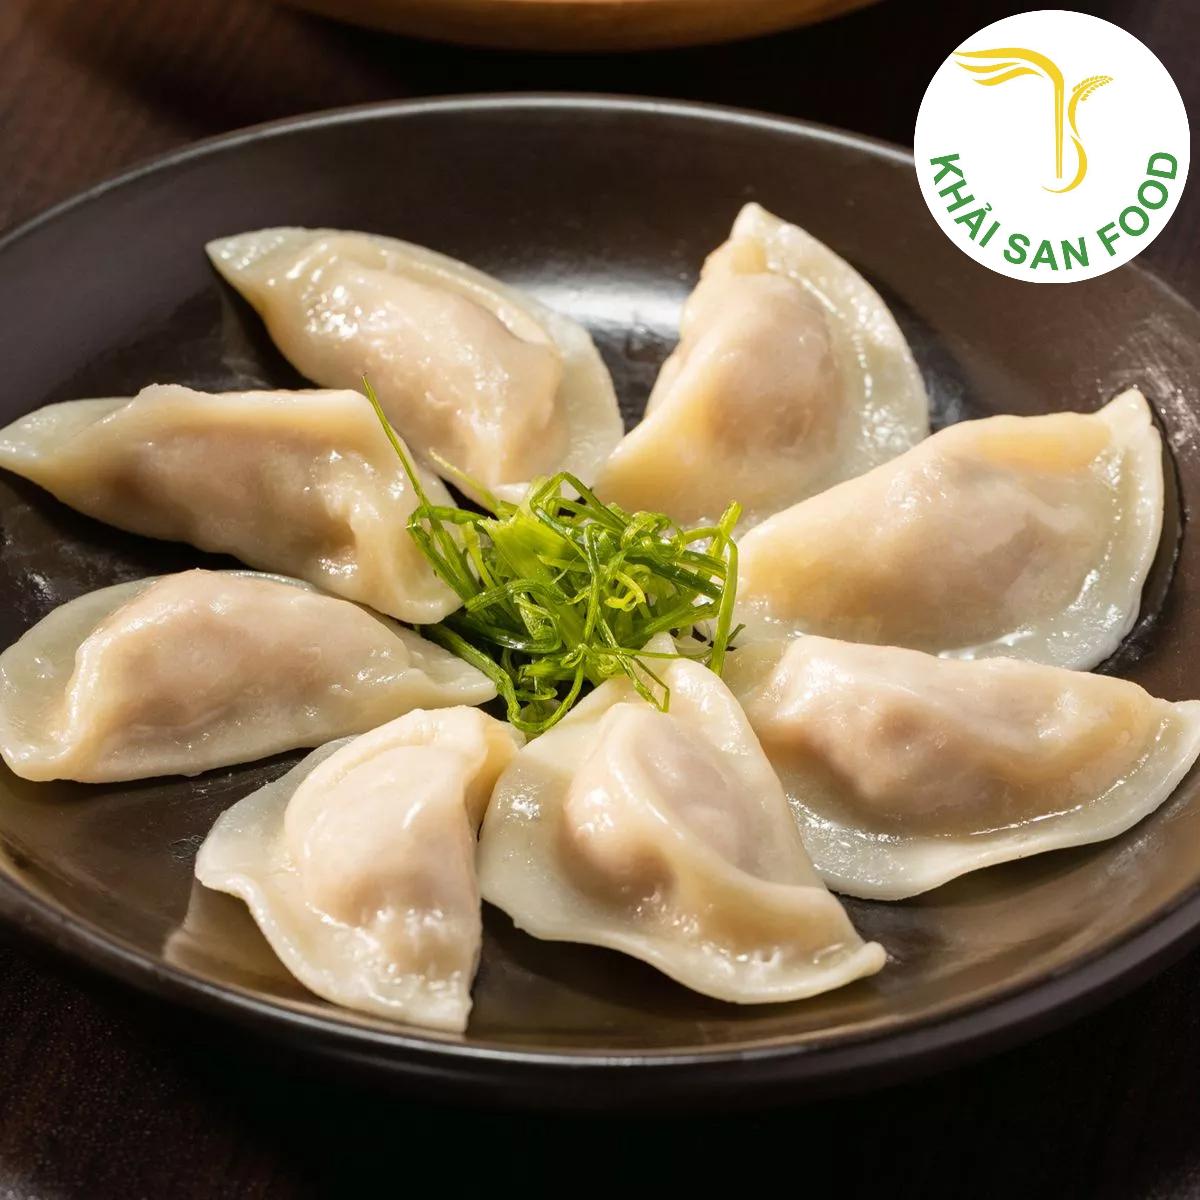 Bánh xếp mandu là một trong những loại bánh truyền thống của Hàn Quốc, đã và đang để lại nhiều ấn tượng cho người dùng Việt. Khi lớp vỏ bánh thơm dẻo, mỏng mềm, lớp nhân đầy đủ nguyên liệu bên trong cùng chén nước tương mặn nhẹ vừa dễ chế biến lại vừa đơn giản trong lối thưởng thức.